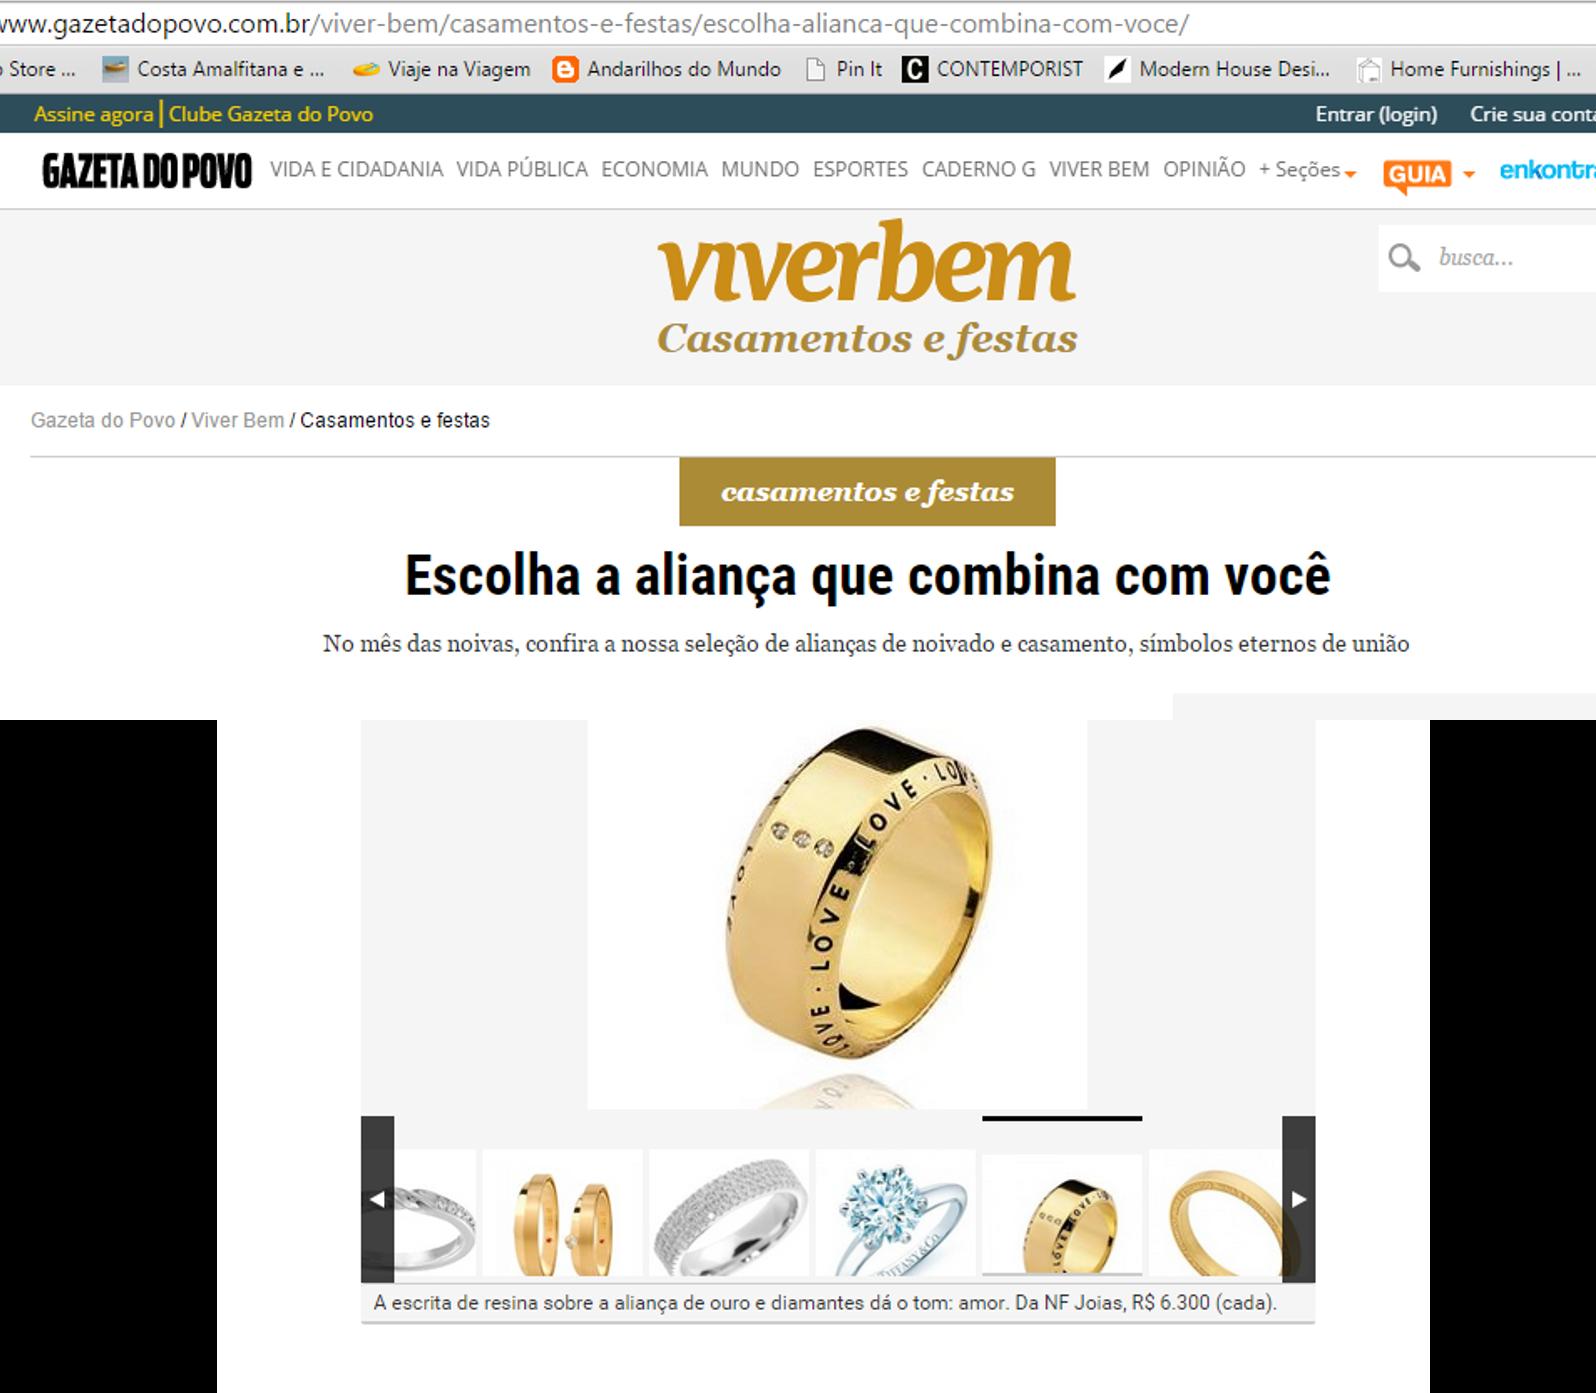 02/05/2015 | Gazeta do Povo